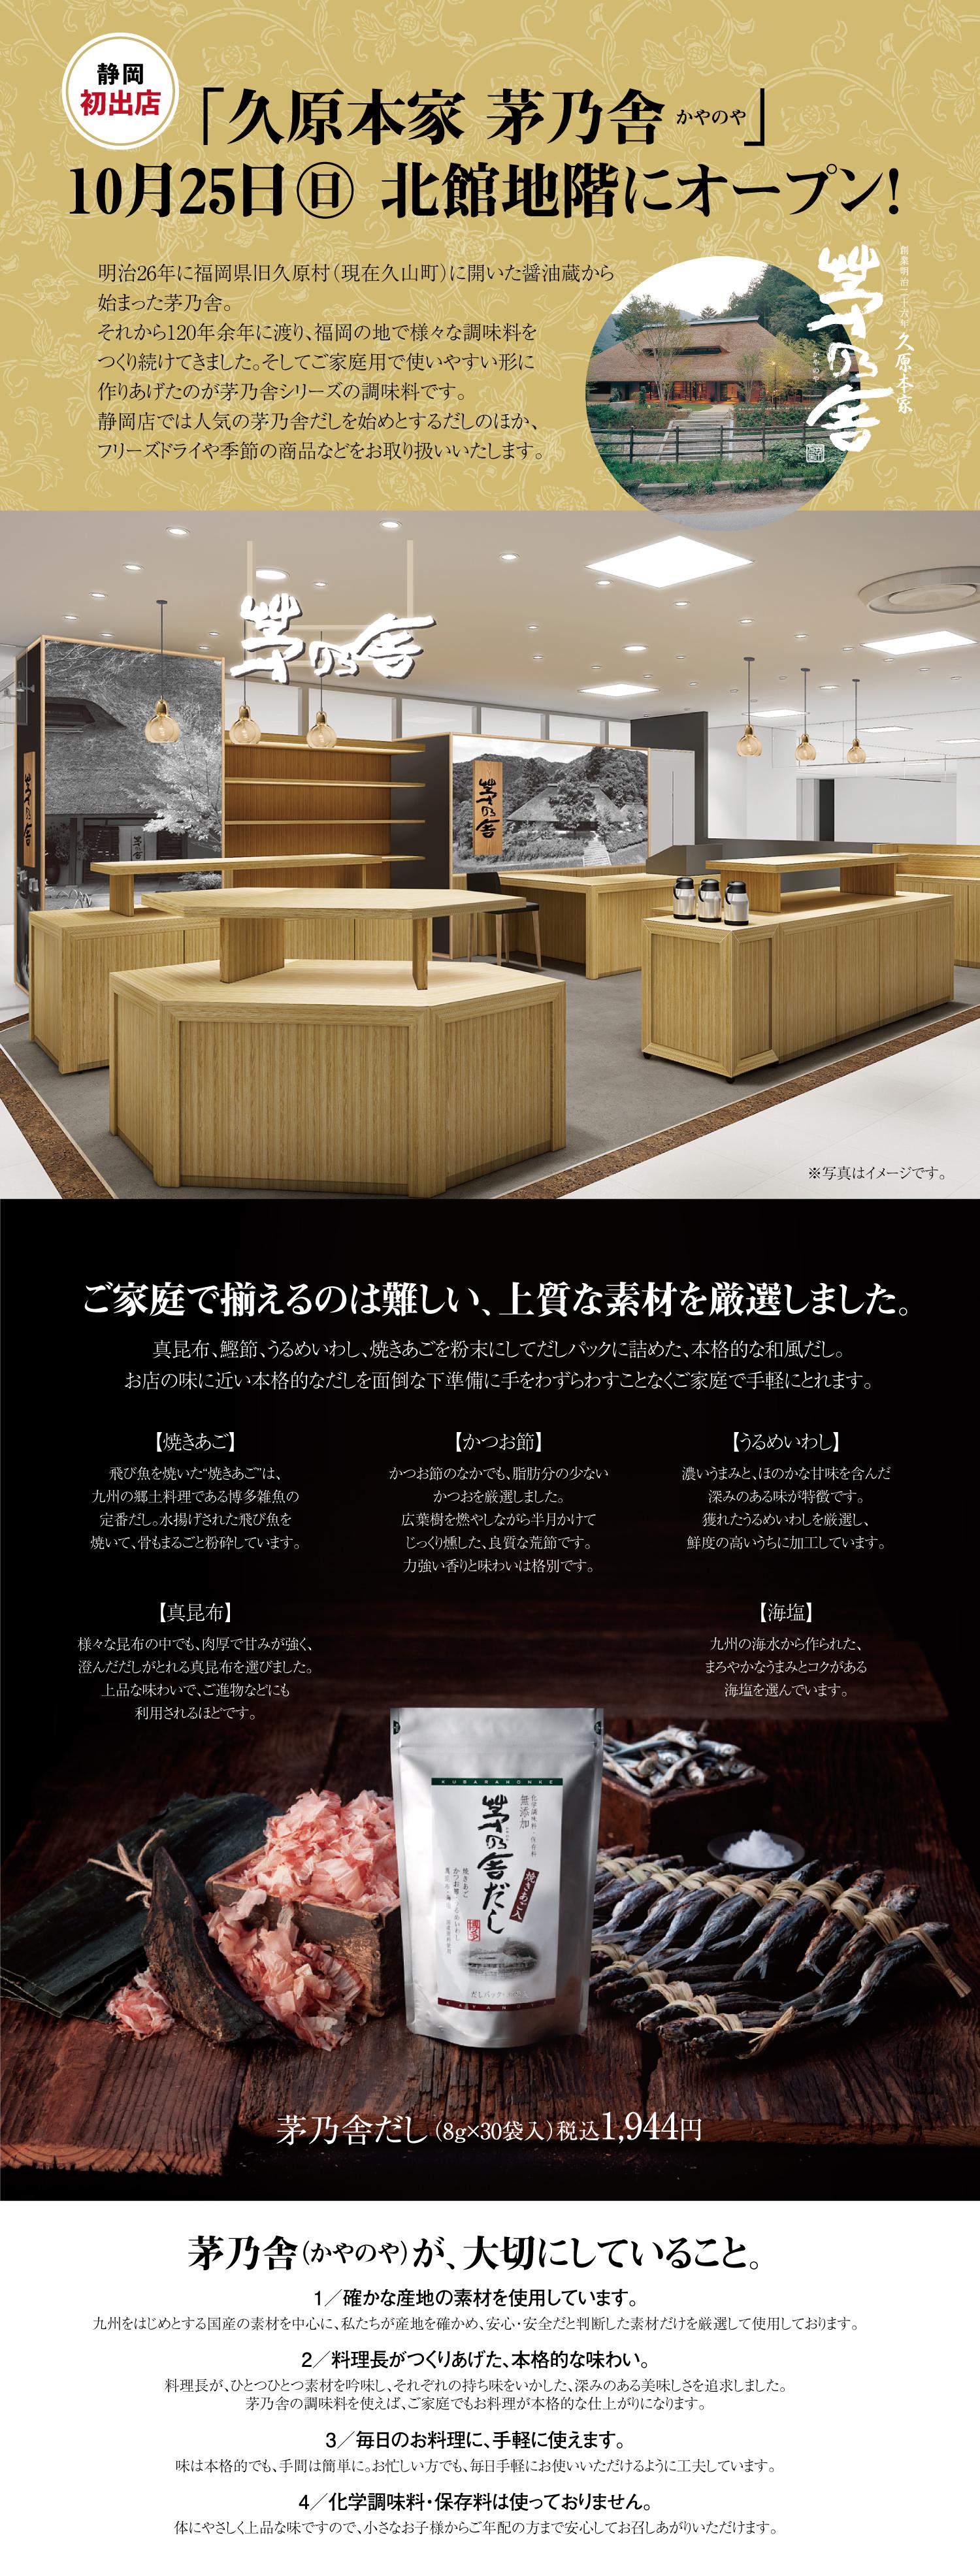 200918_kayanoya_main.jpg